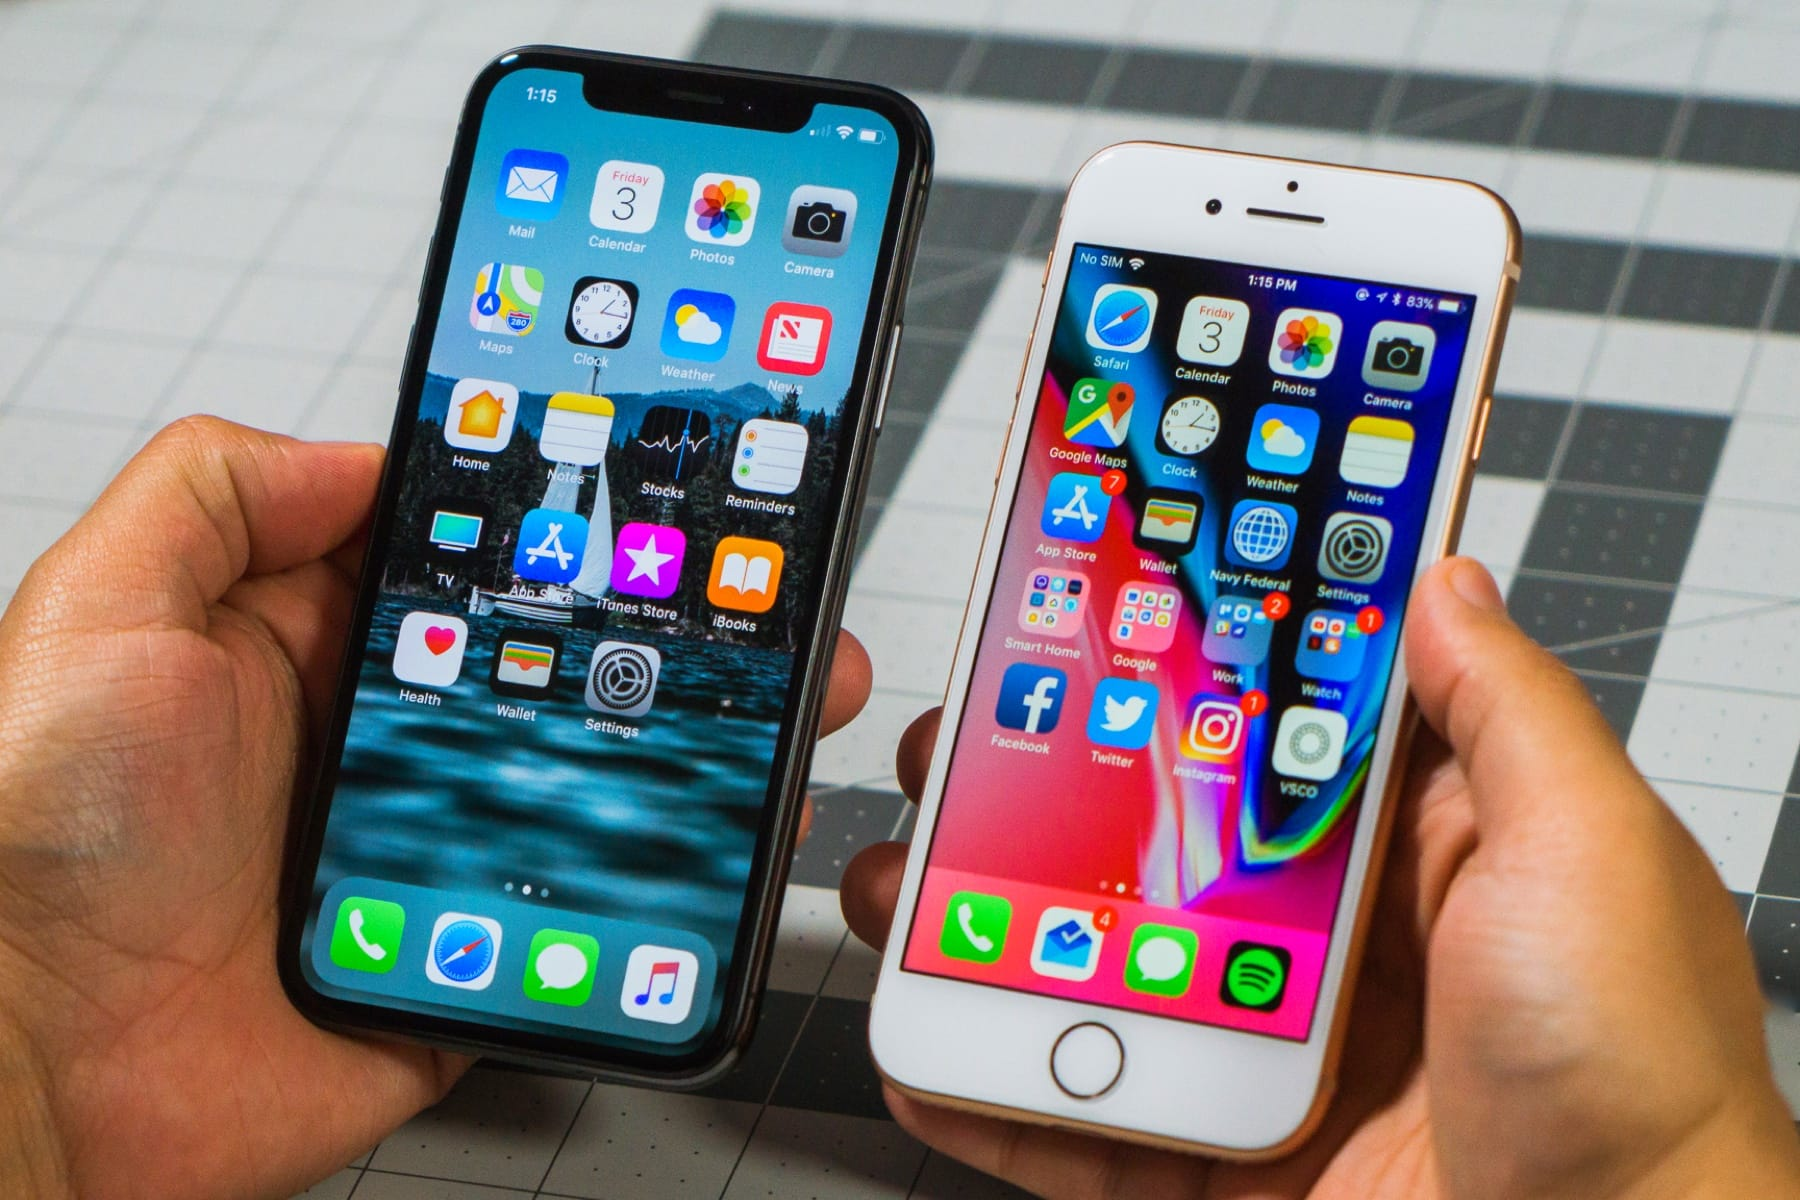 Продажа старых телефонов вtrade-in набирает популярность в Российской Федерации